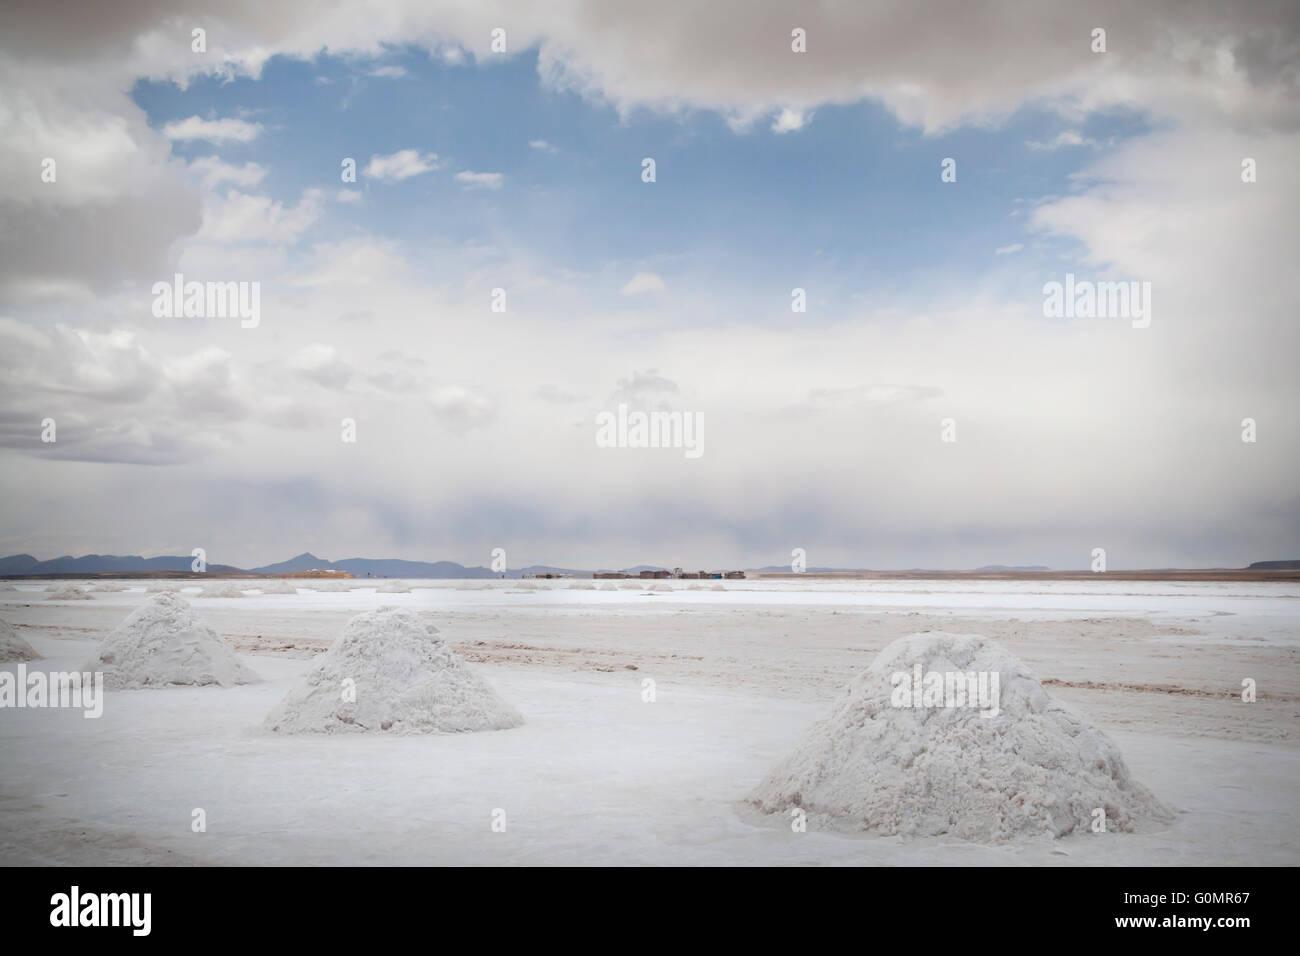 Una ruptura en las nubes se pone azul cielo del boliviano de llanuras de sal en el Salar de Uyuni Imagen De Stock